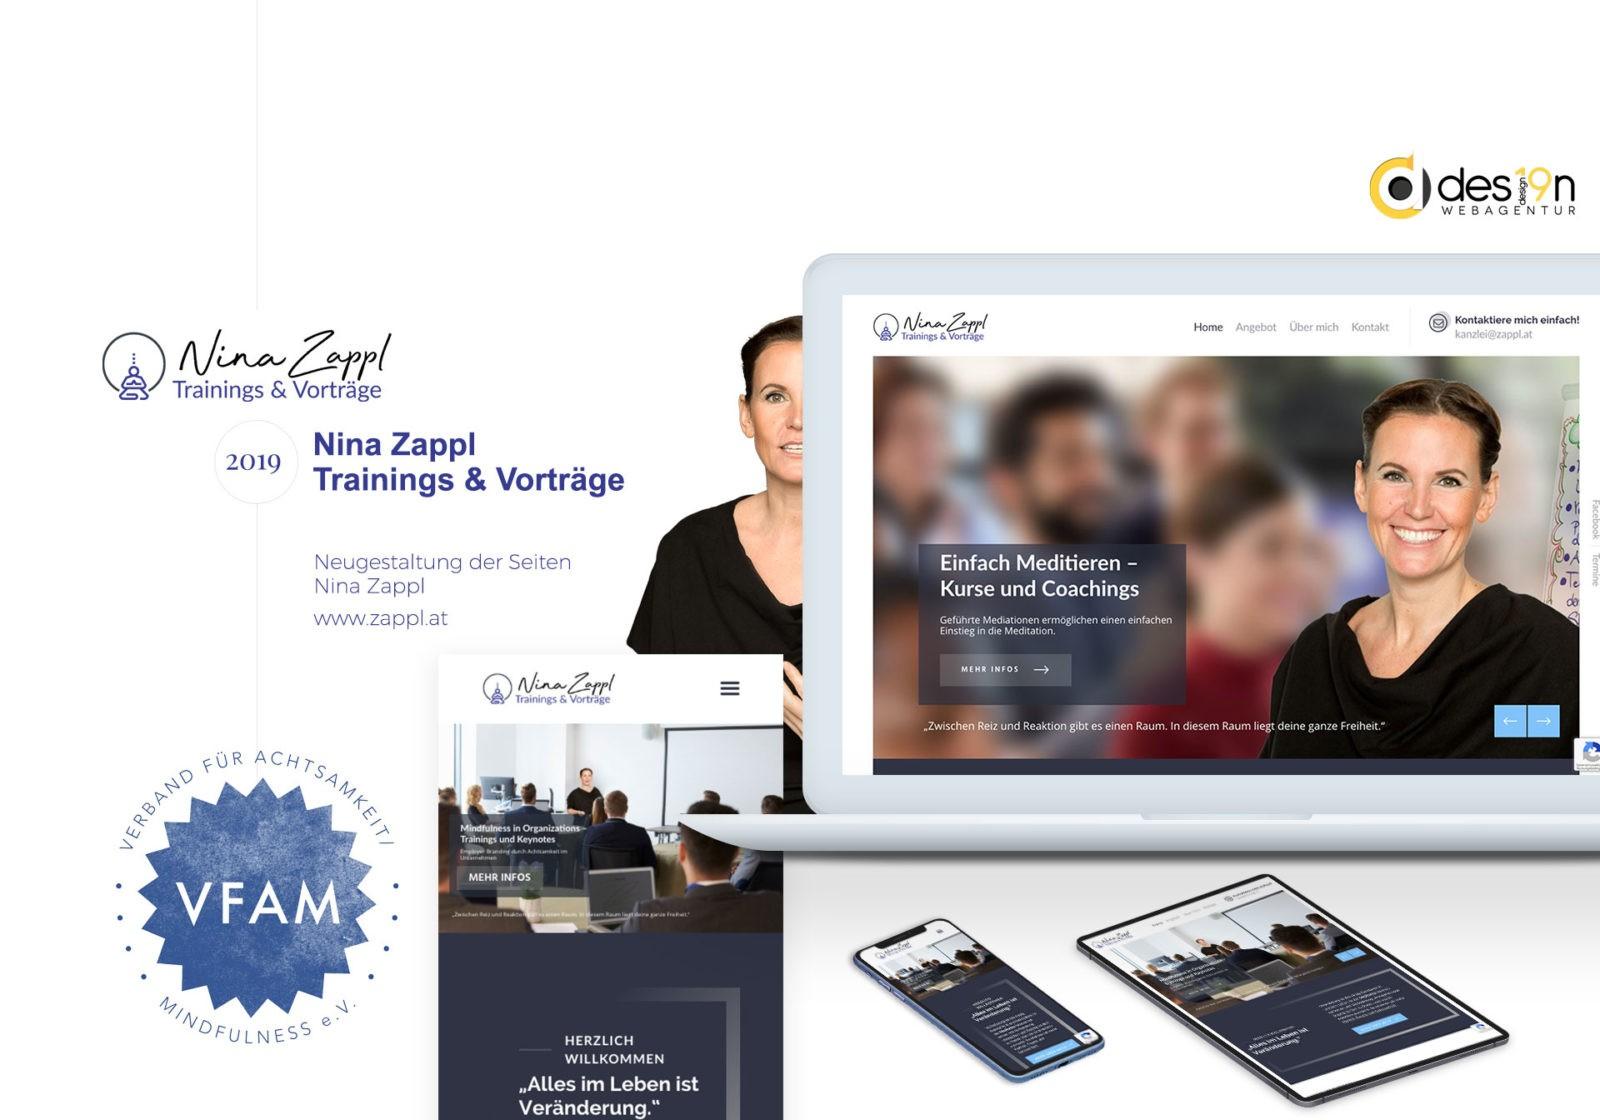 Webdesign Nina Zappl | Trainings & Vorträge für Achtsamkeit und Meditation